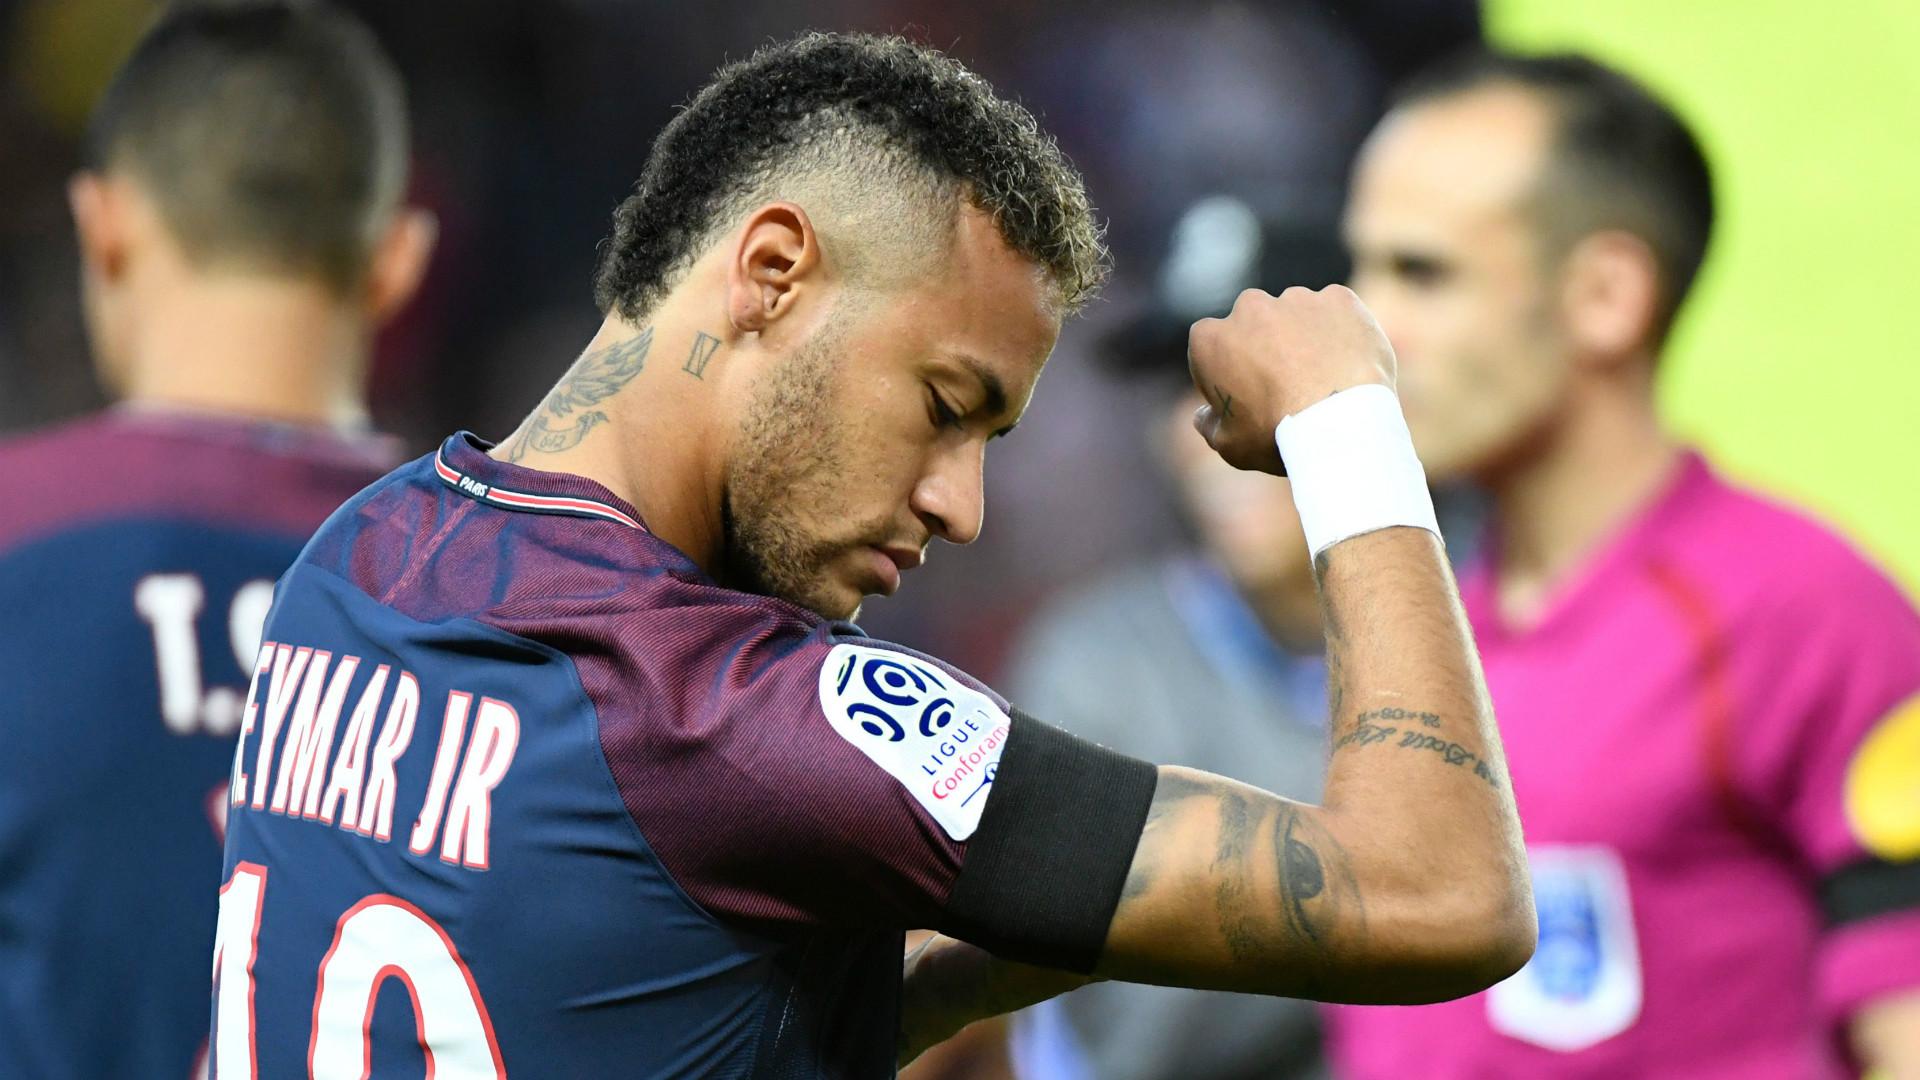 Tỏa sáng rực rỡ trong màu áo PSG, Neymar quay sang chỉ trích giới thượng tầng Barca, tiết lộ lý do rời Nou Camp